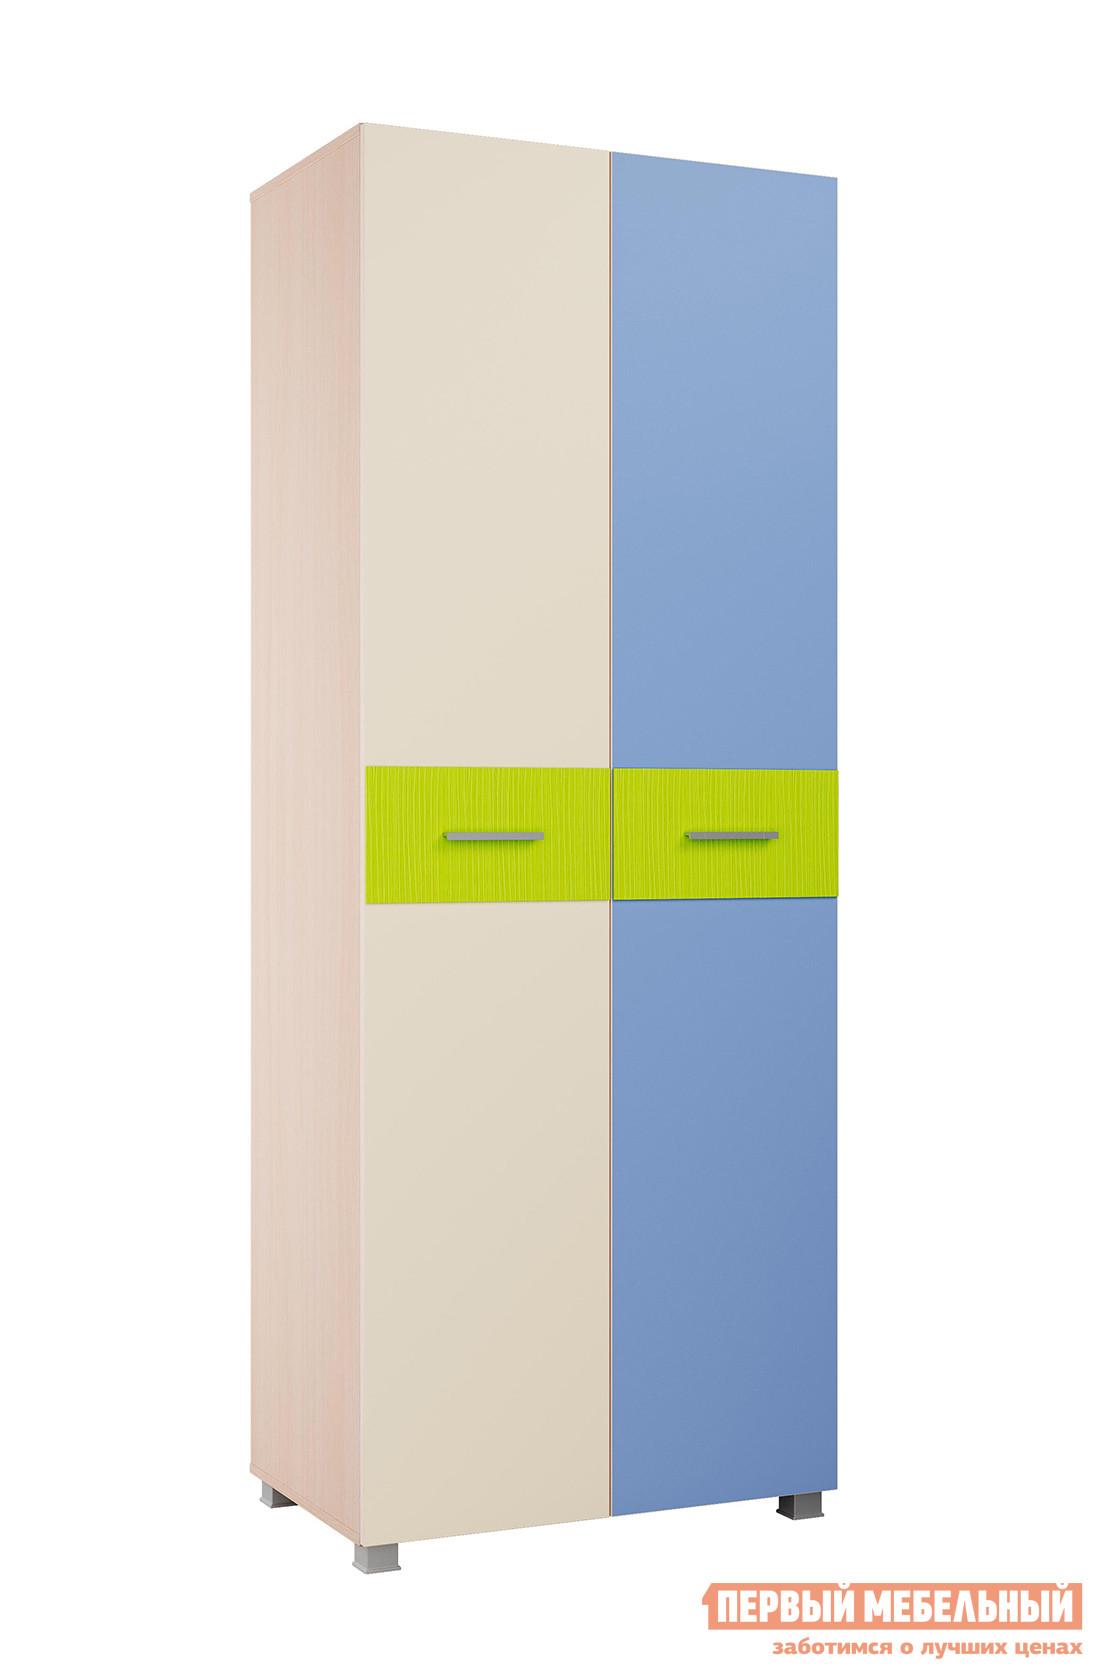 Шкаф детский Первый Мебельный Шкаф Лайк Д.800